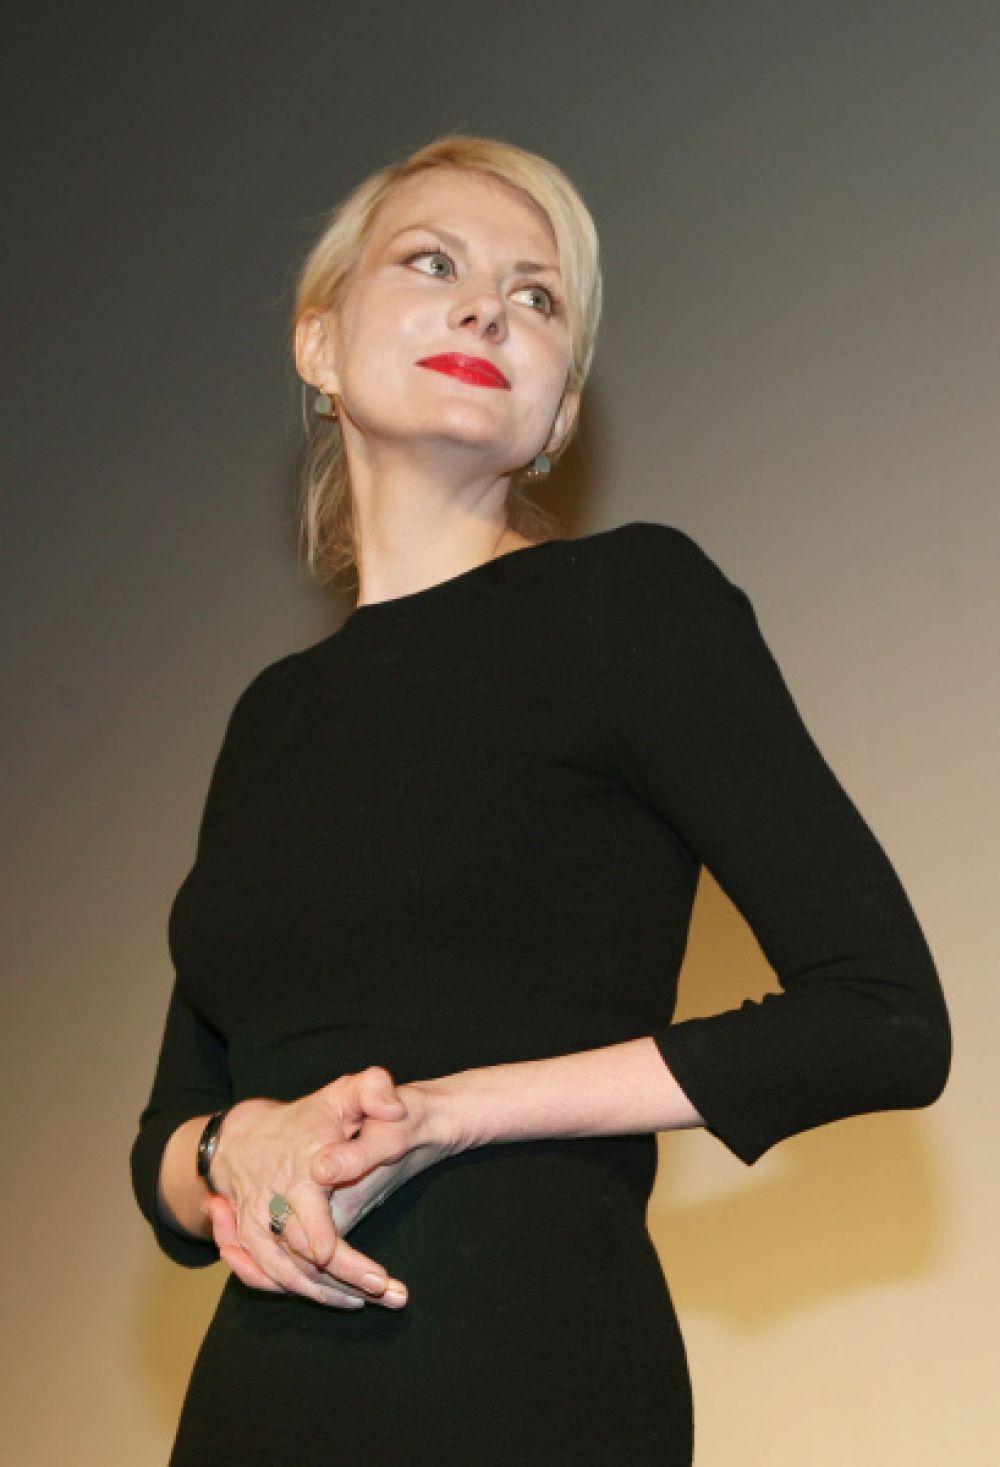 Но дипломная работа Ренаты Литвиновой - «Принципиальный и жалостливый взгляд Али К.» - не понравилась мастерами и многим преподавателям: несколько раз приходилось ее переписывать. Но именно благодаря выпускной работе, опубликованной в конце 1980-х в альманахе «Киносценарии», выдающийся режиссер Кира Муратова обратила внимание на сценаристку. Позже в интервью она говорила, что уже тогда захотела работать с Литвиновой.